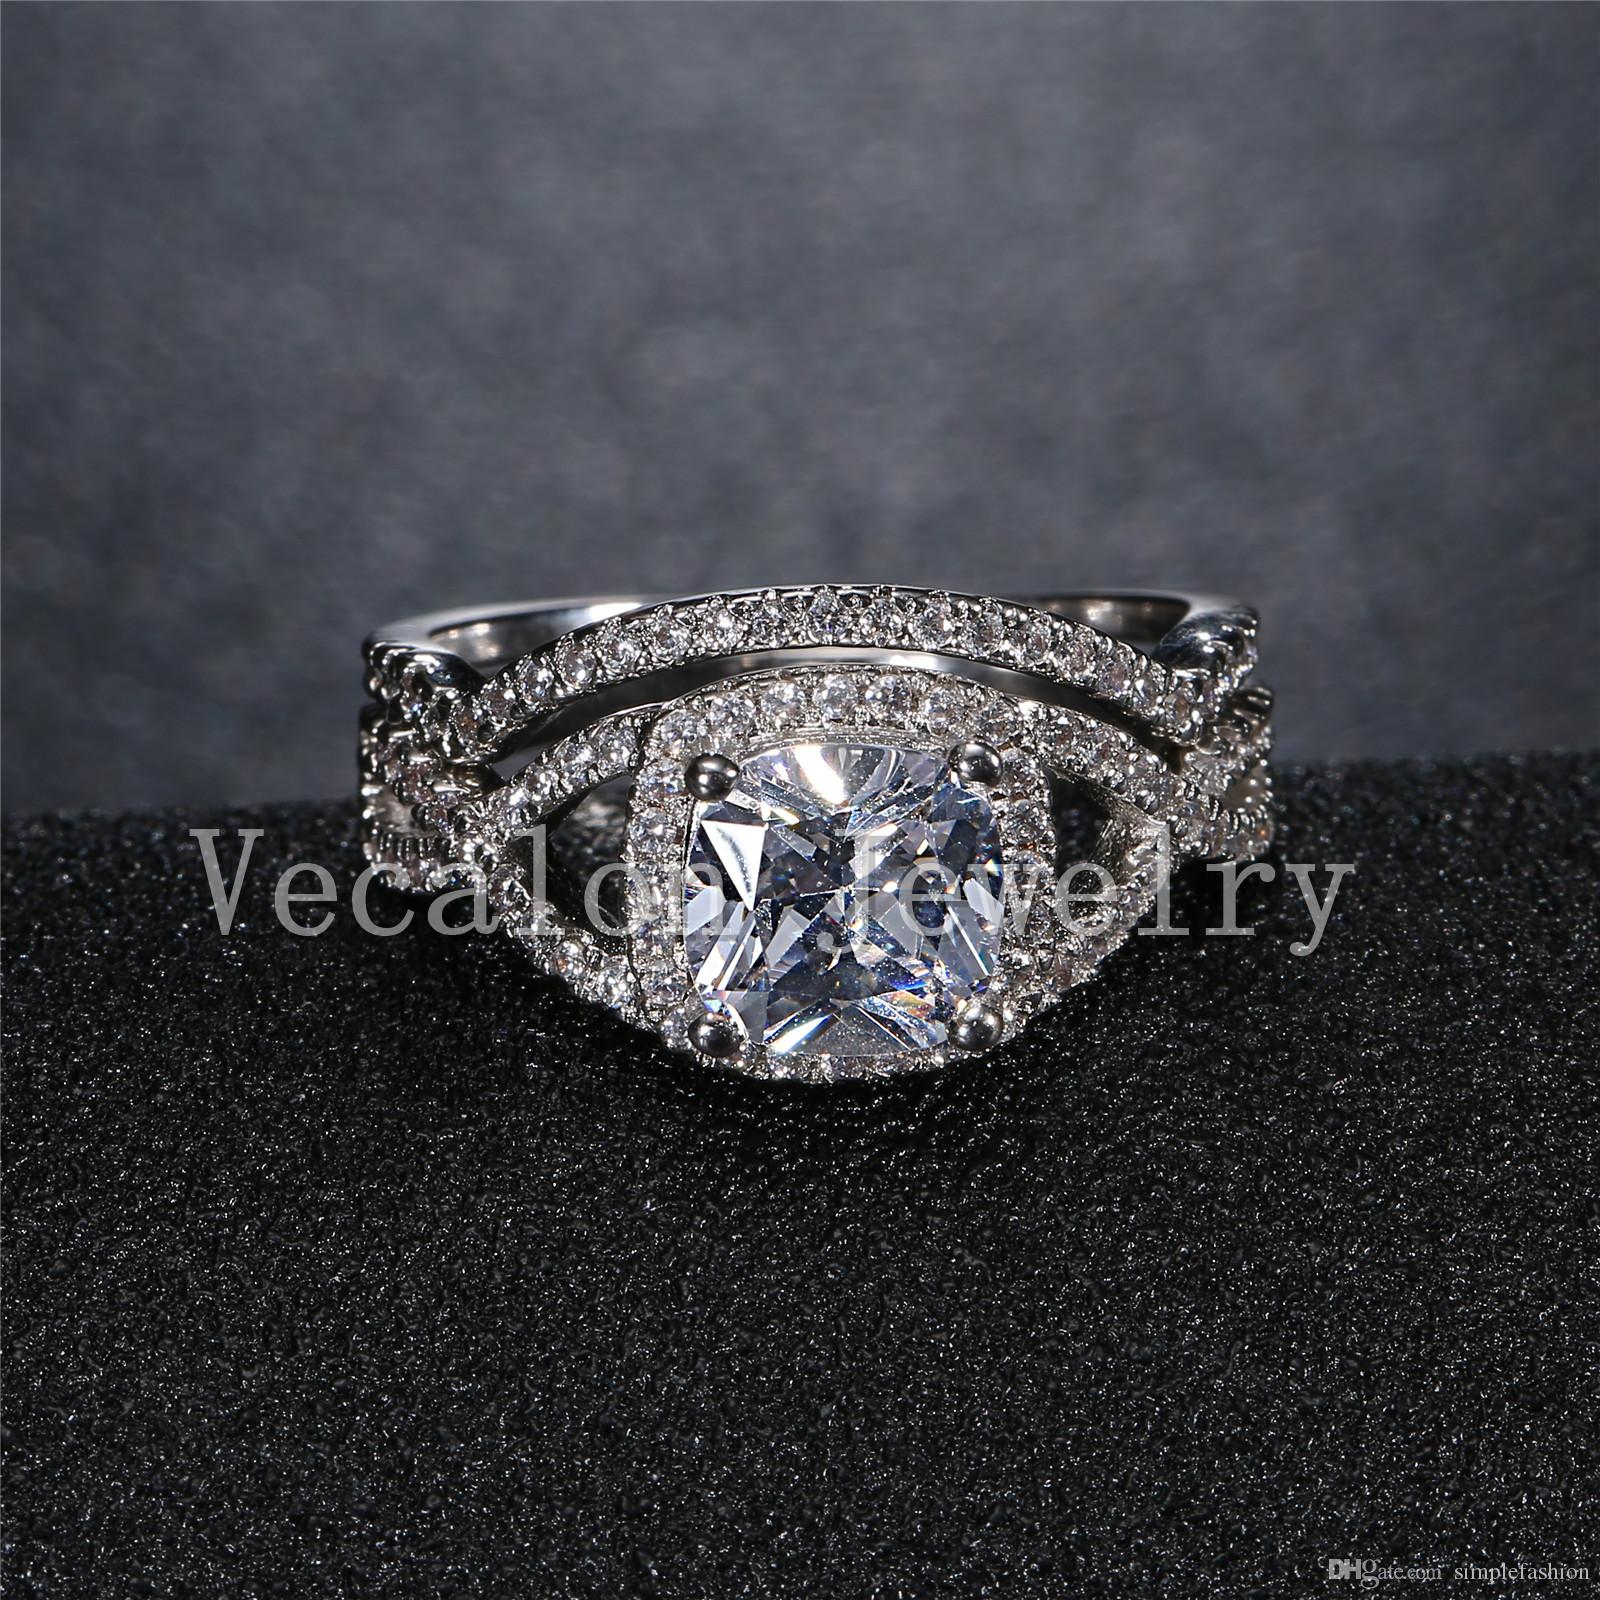 Vecalon 2016 여성을위한 새로운 디자인 쿠션 컷 3ct 시뮬레이션 다이아몬드 Cz 결혼 반지 세트 화이트 골드 채워진 약혼 반지